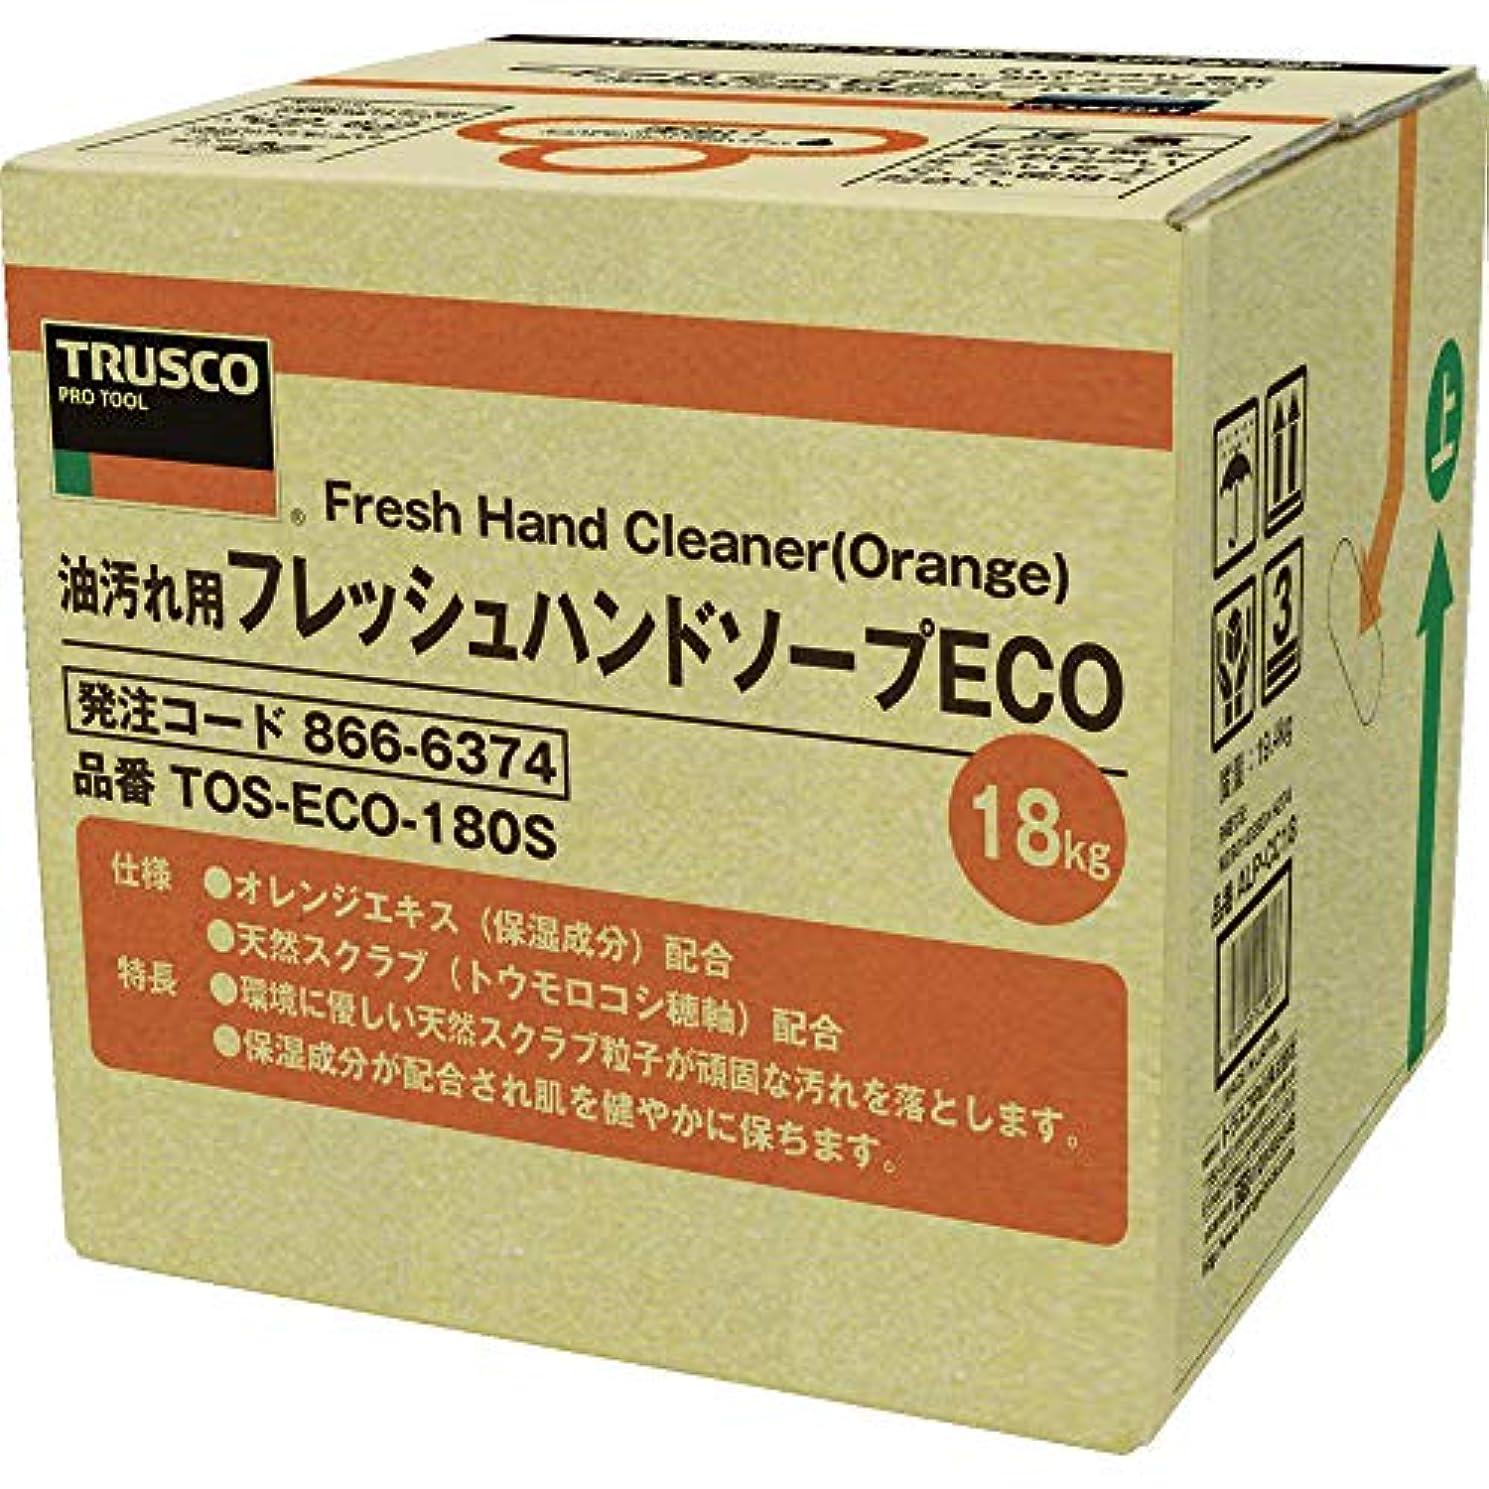 被害者集団的意外TRUSCO(トラスコ) フレッシュハンドソープECO 18L 詰替 バッグインボックス TOSECO180S